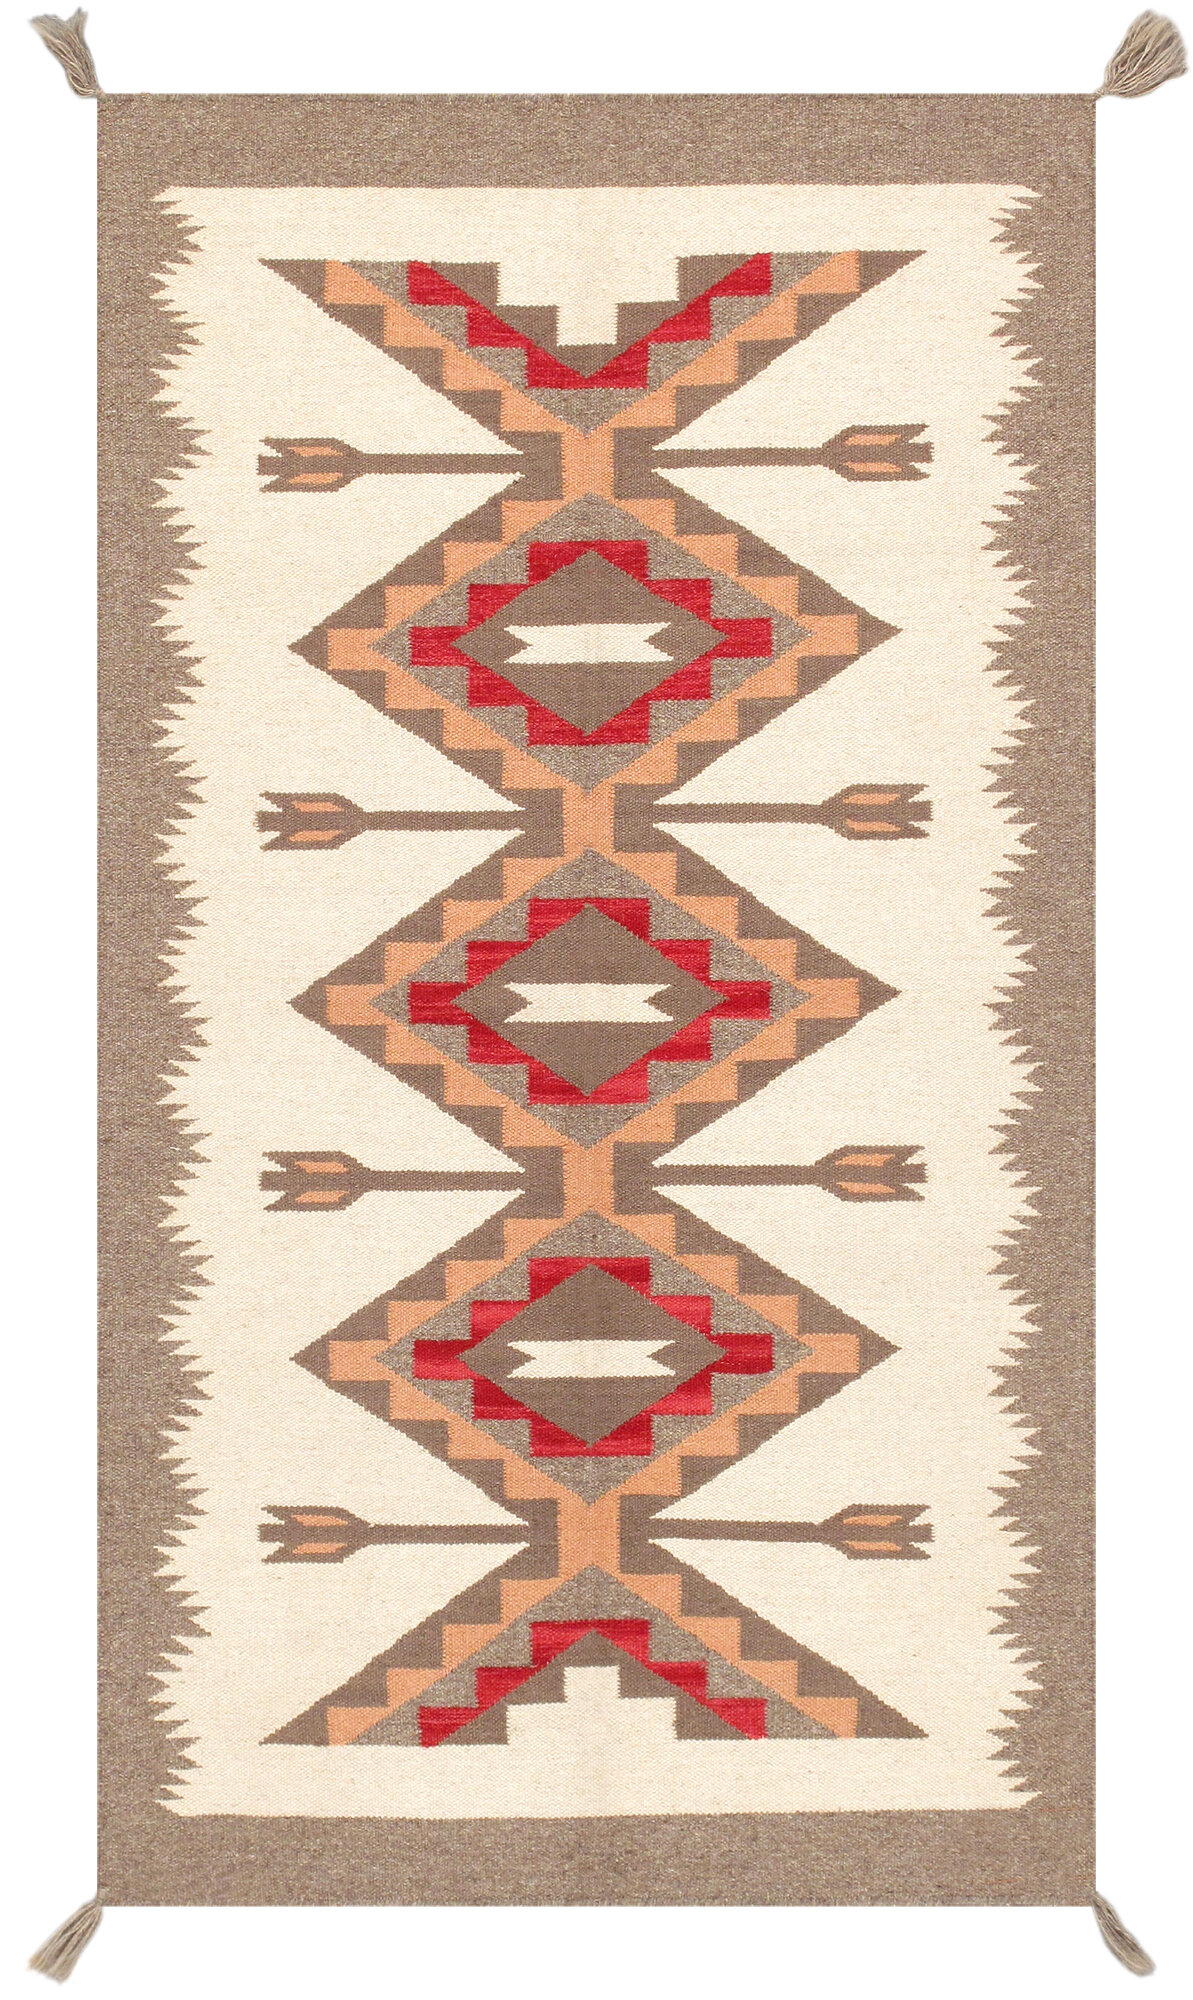 Southwestern Handmade Flatweave Wool